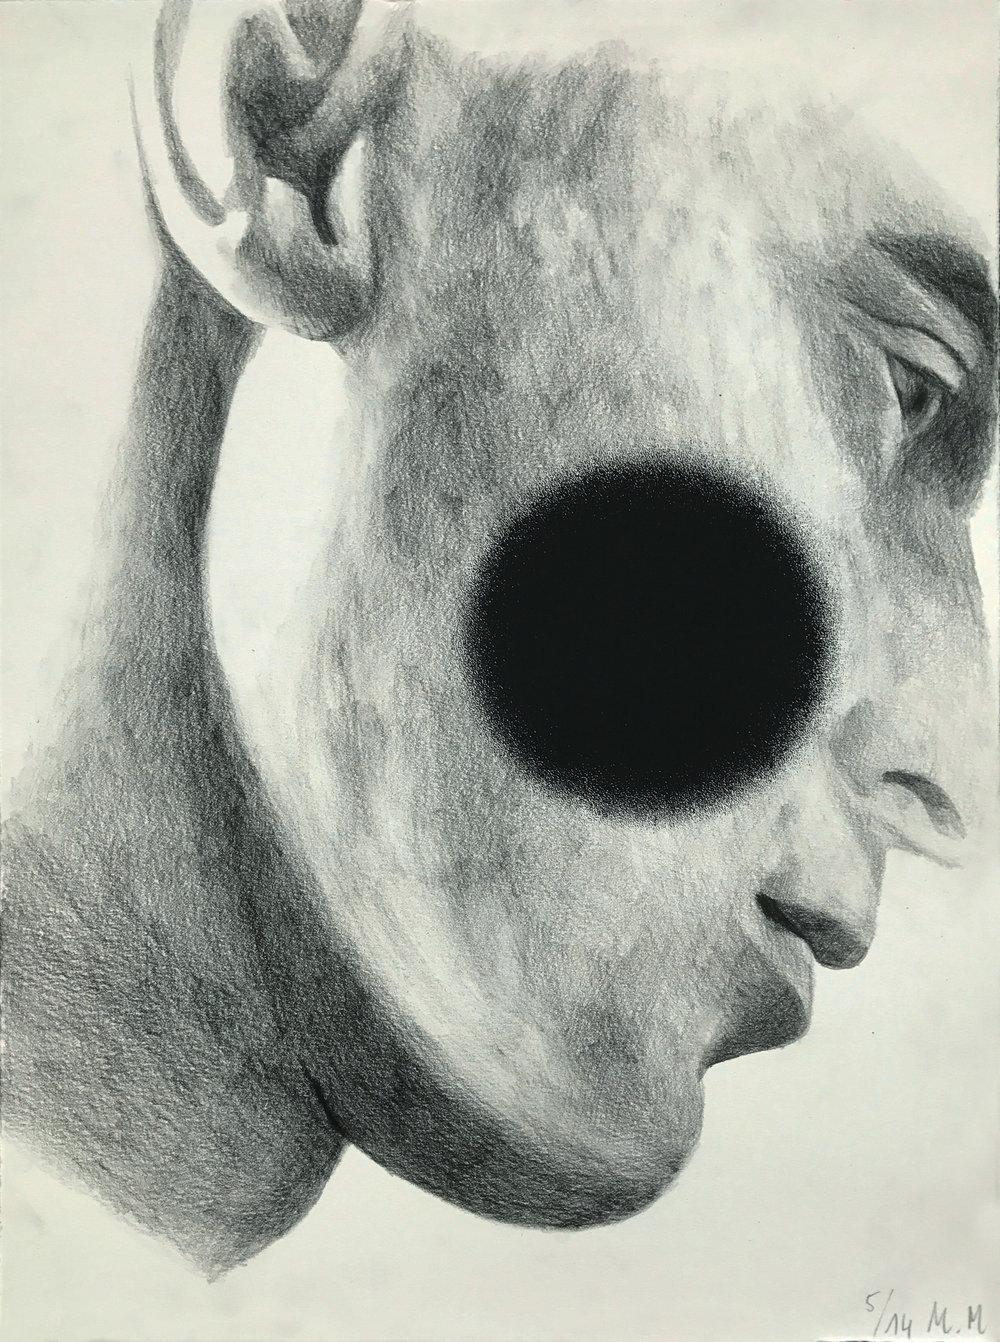 le sourire de Malevich 5/14